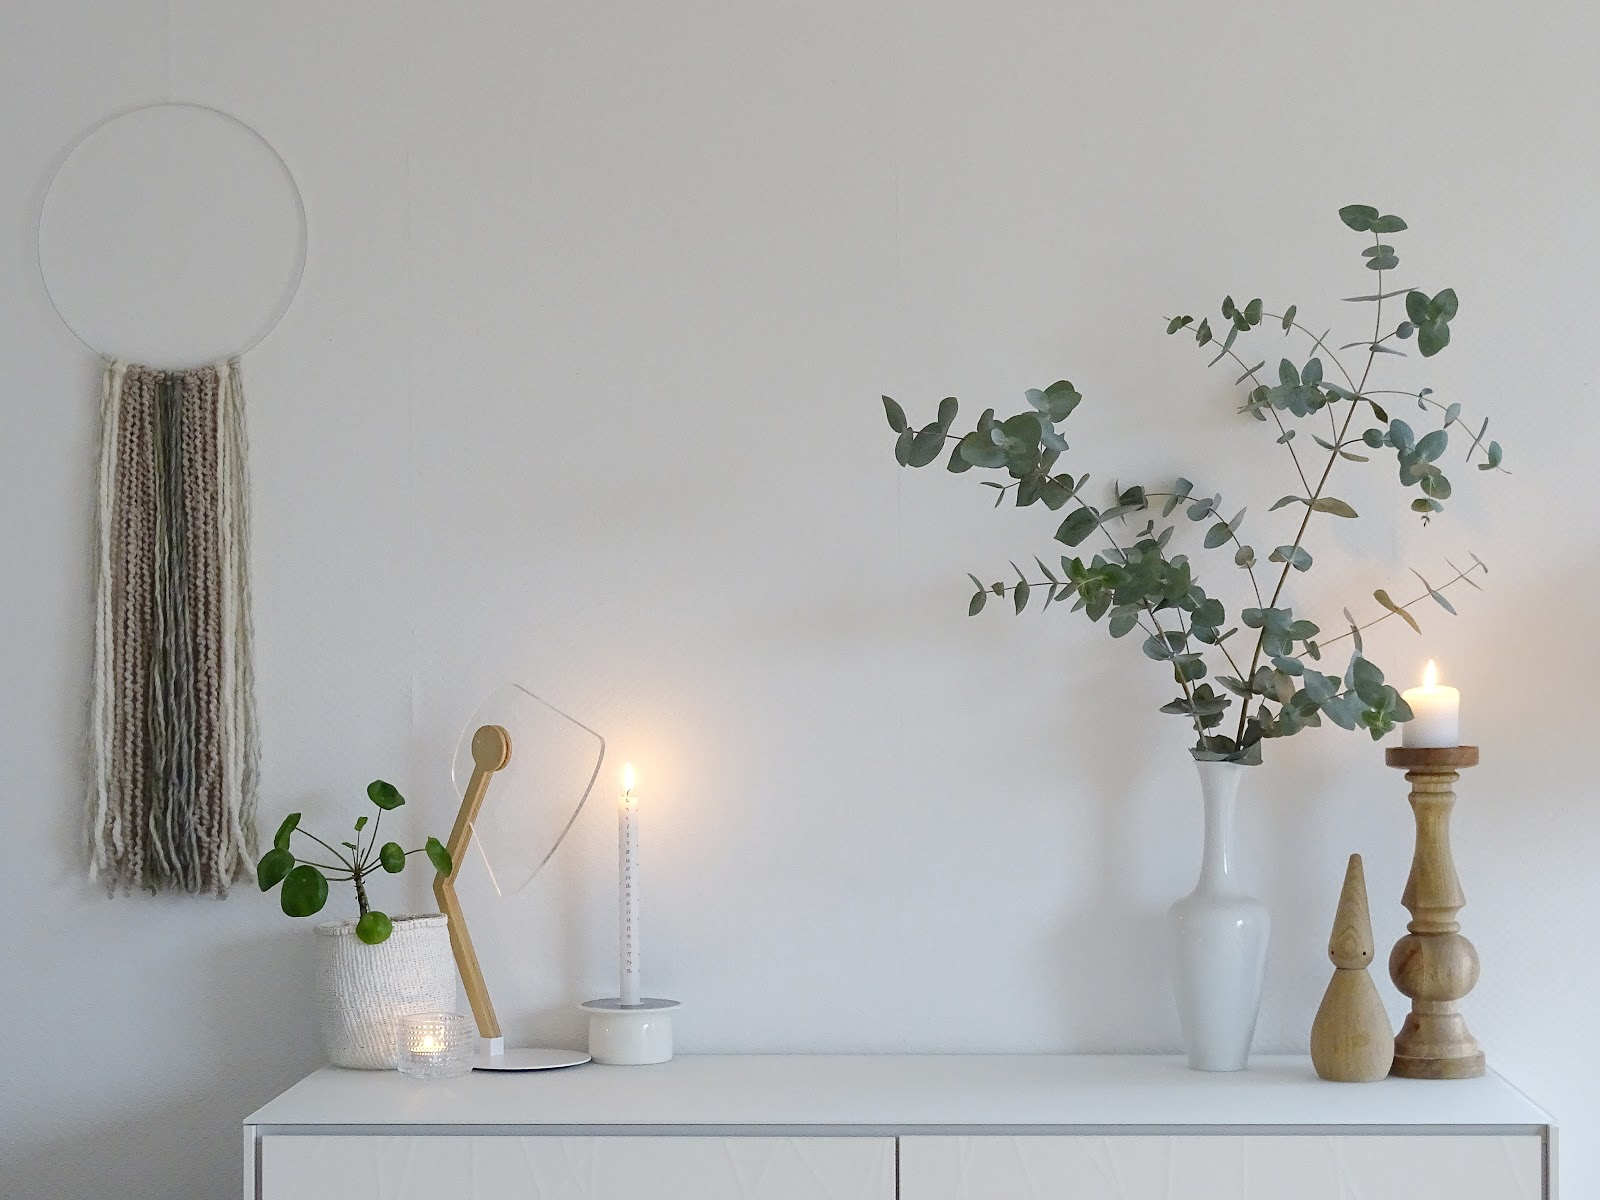 Minimalistische Weihnachts-Deko mit Eukalyptus - Lieblinge, Momente und Motive einer Woche - https://mammilade.blogspot.de